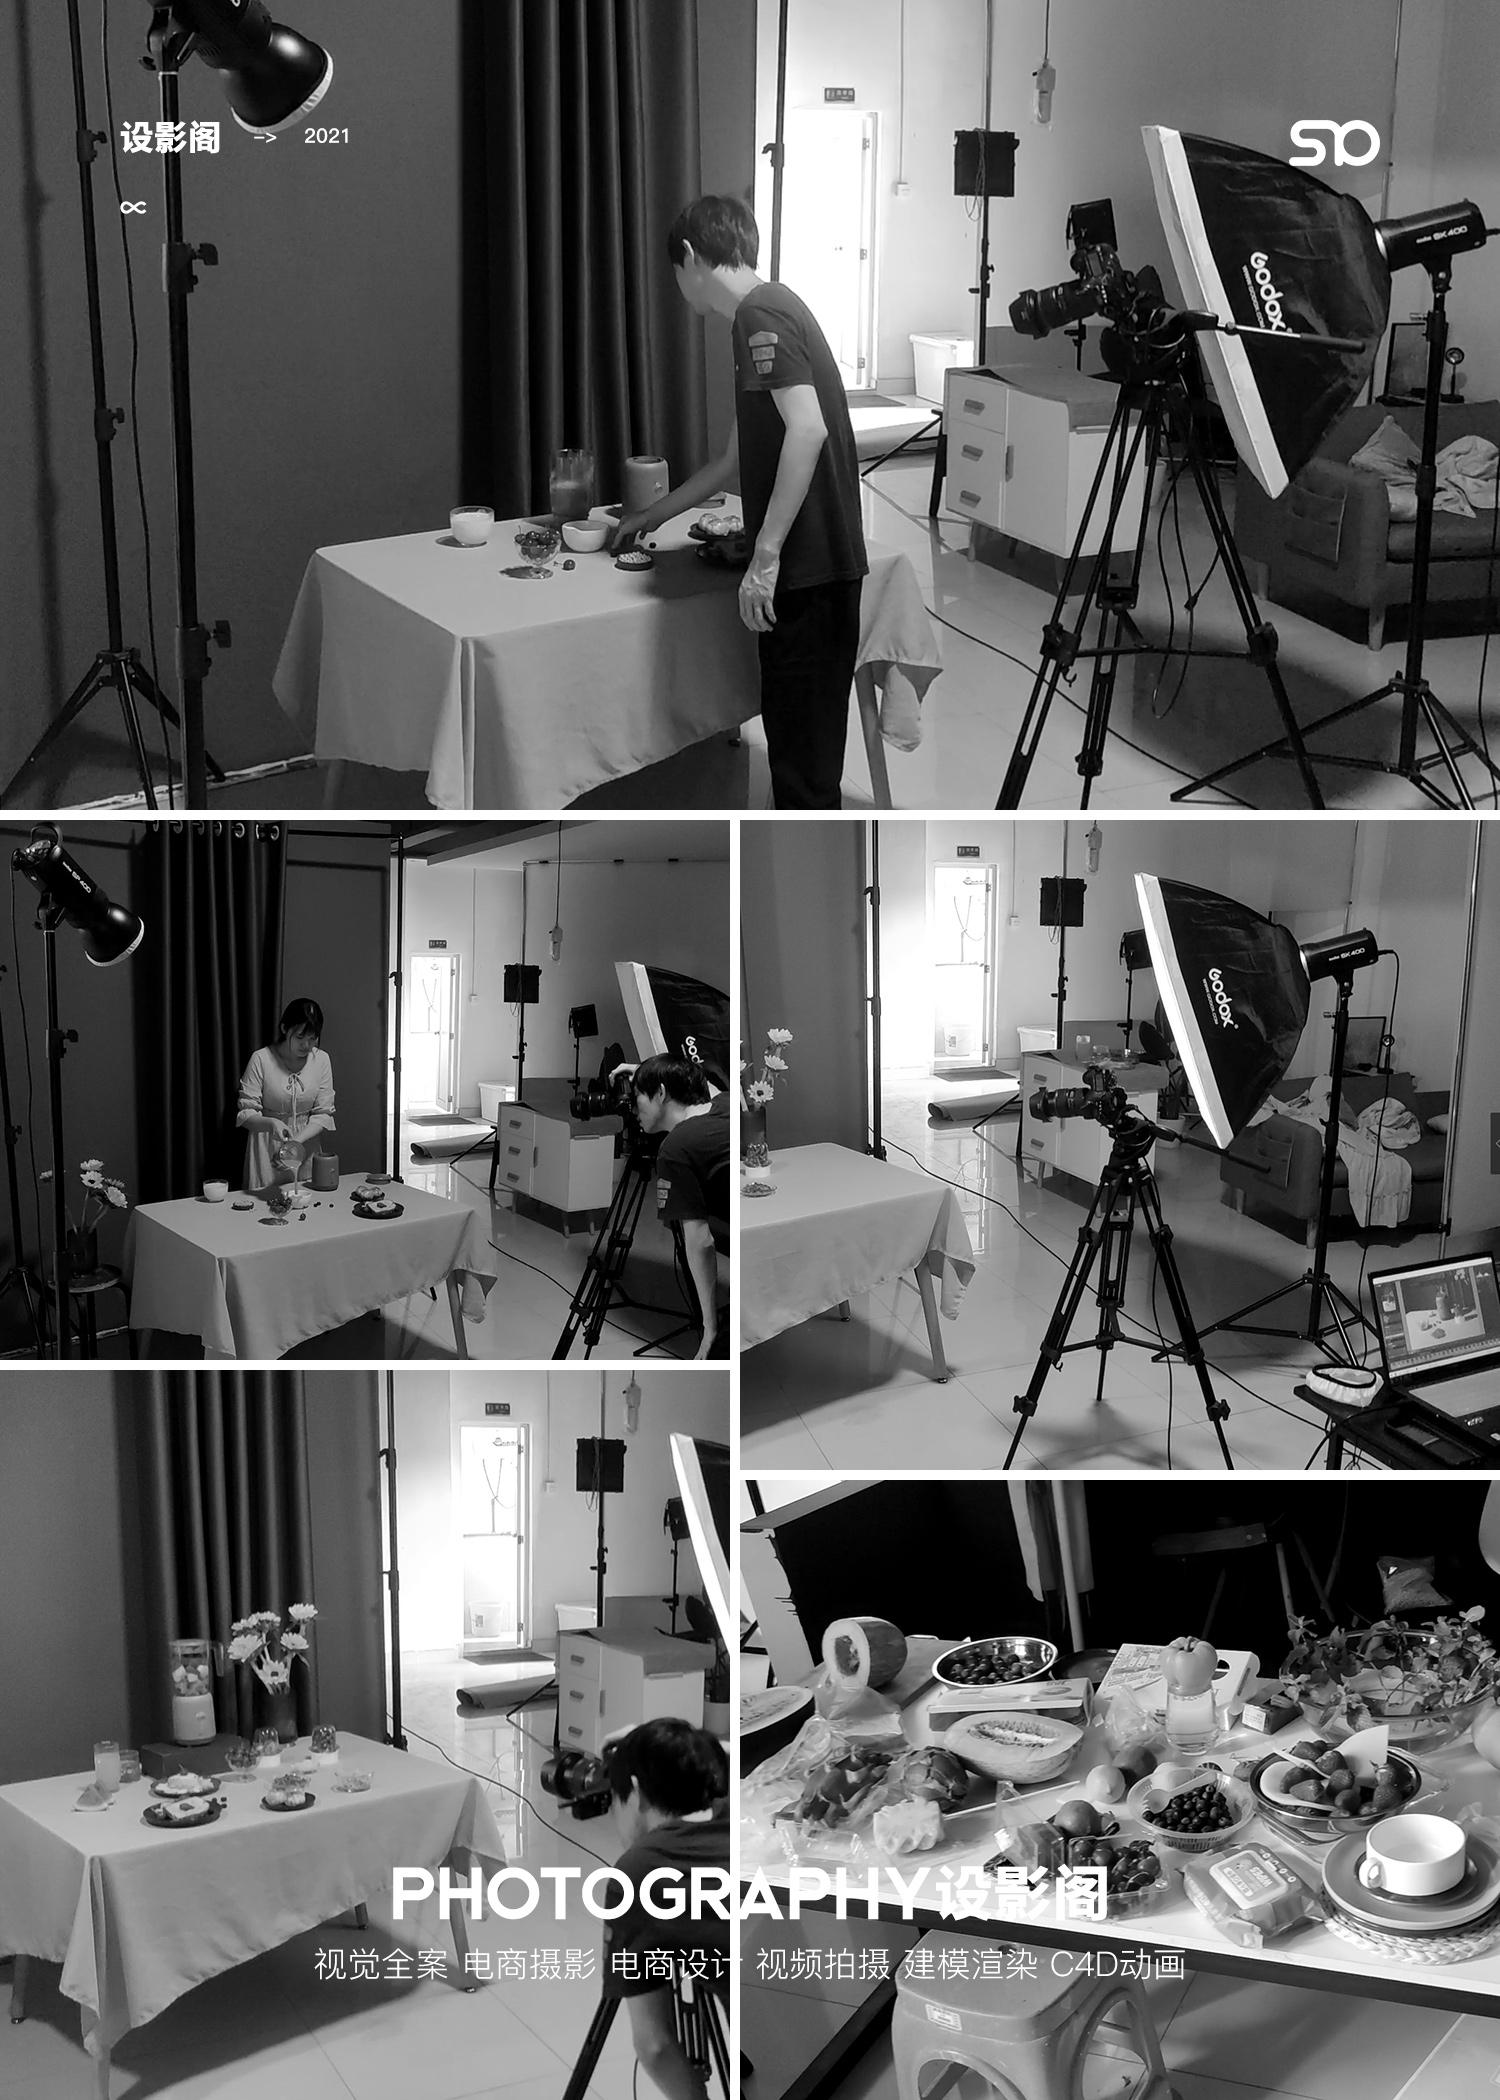 小熊料理机 x 产品摄影 x 视频拍摄